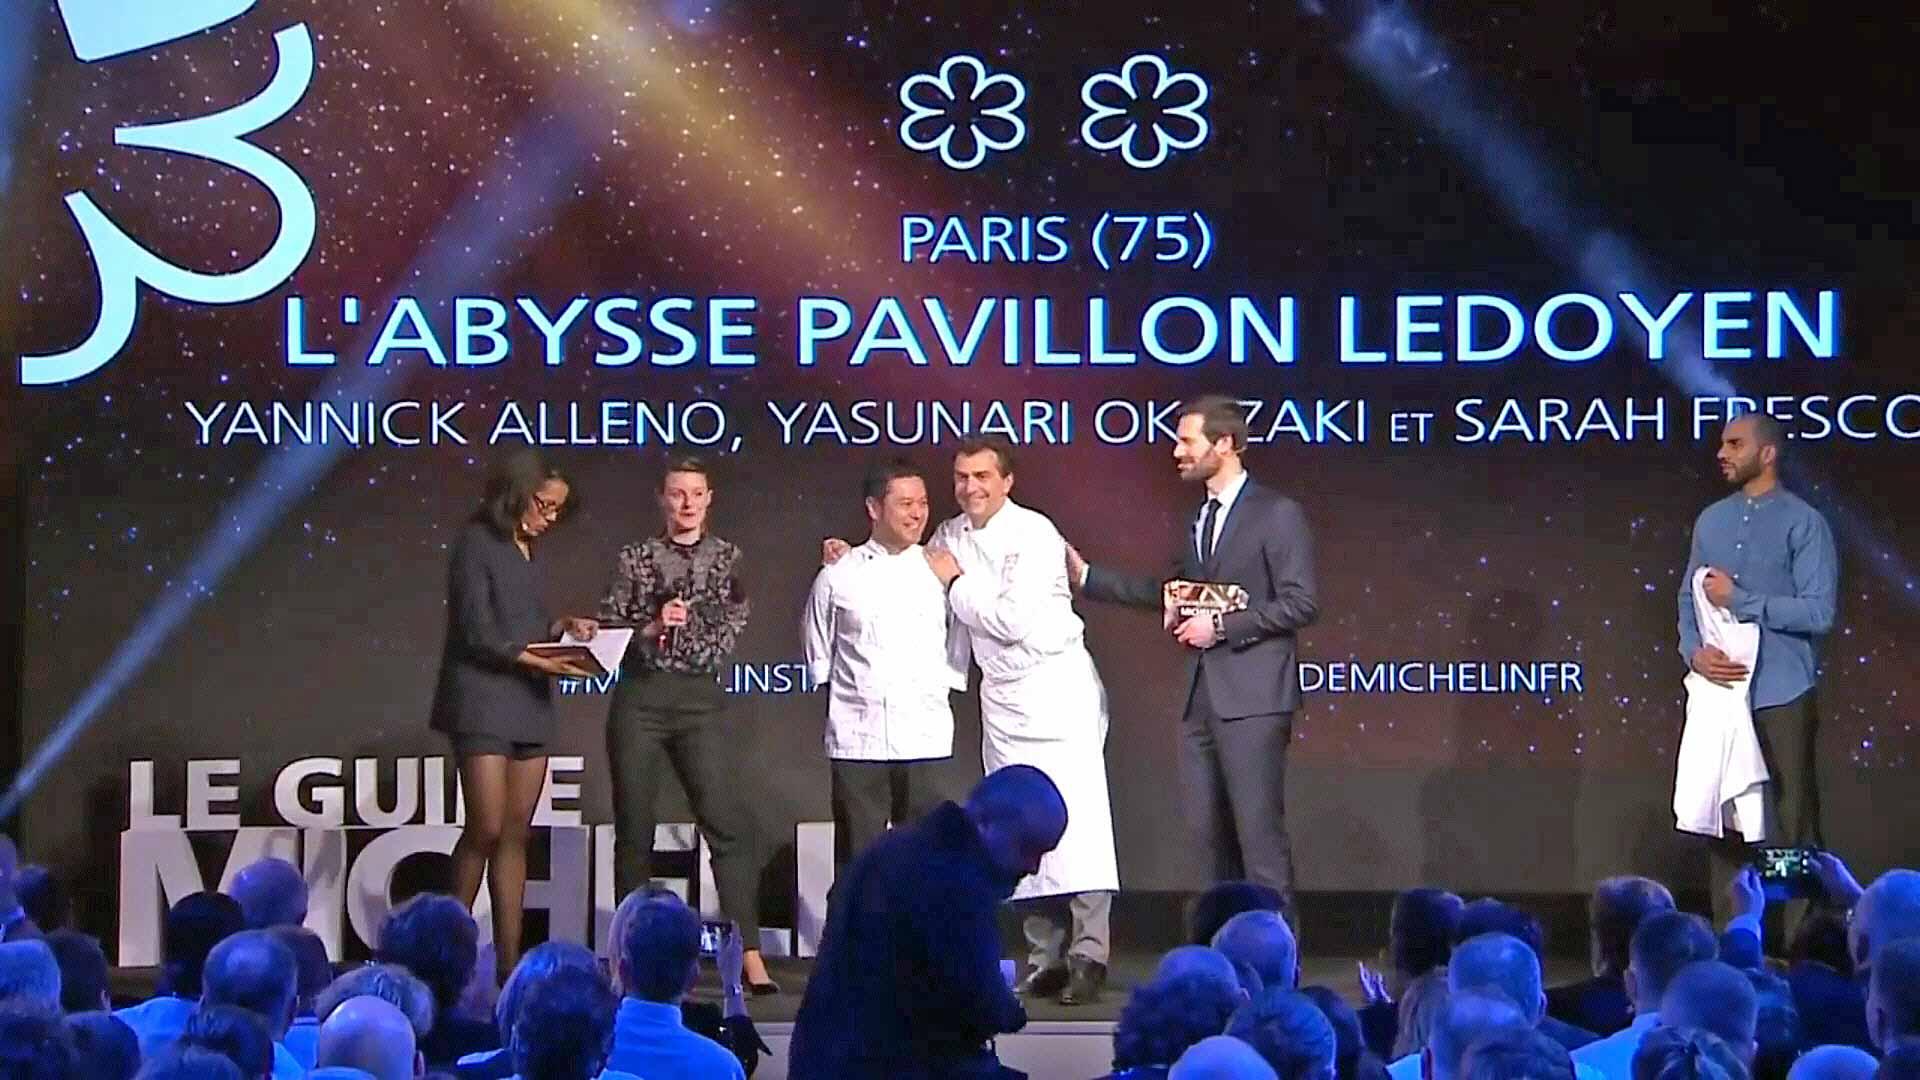 L'Abysse Pavillon Ledoyen, nouveau 2 étoiles de la constellation Yannick Alleno